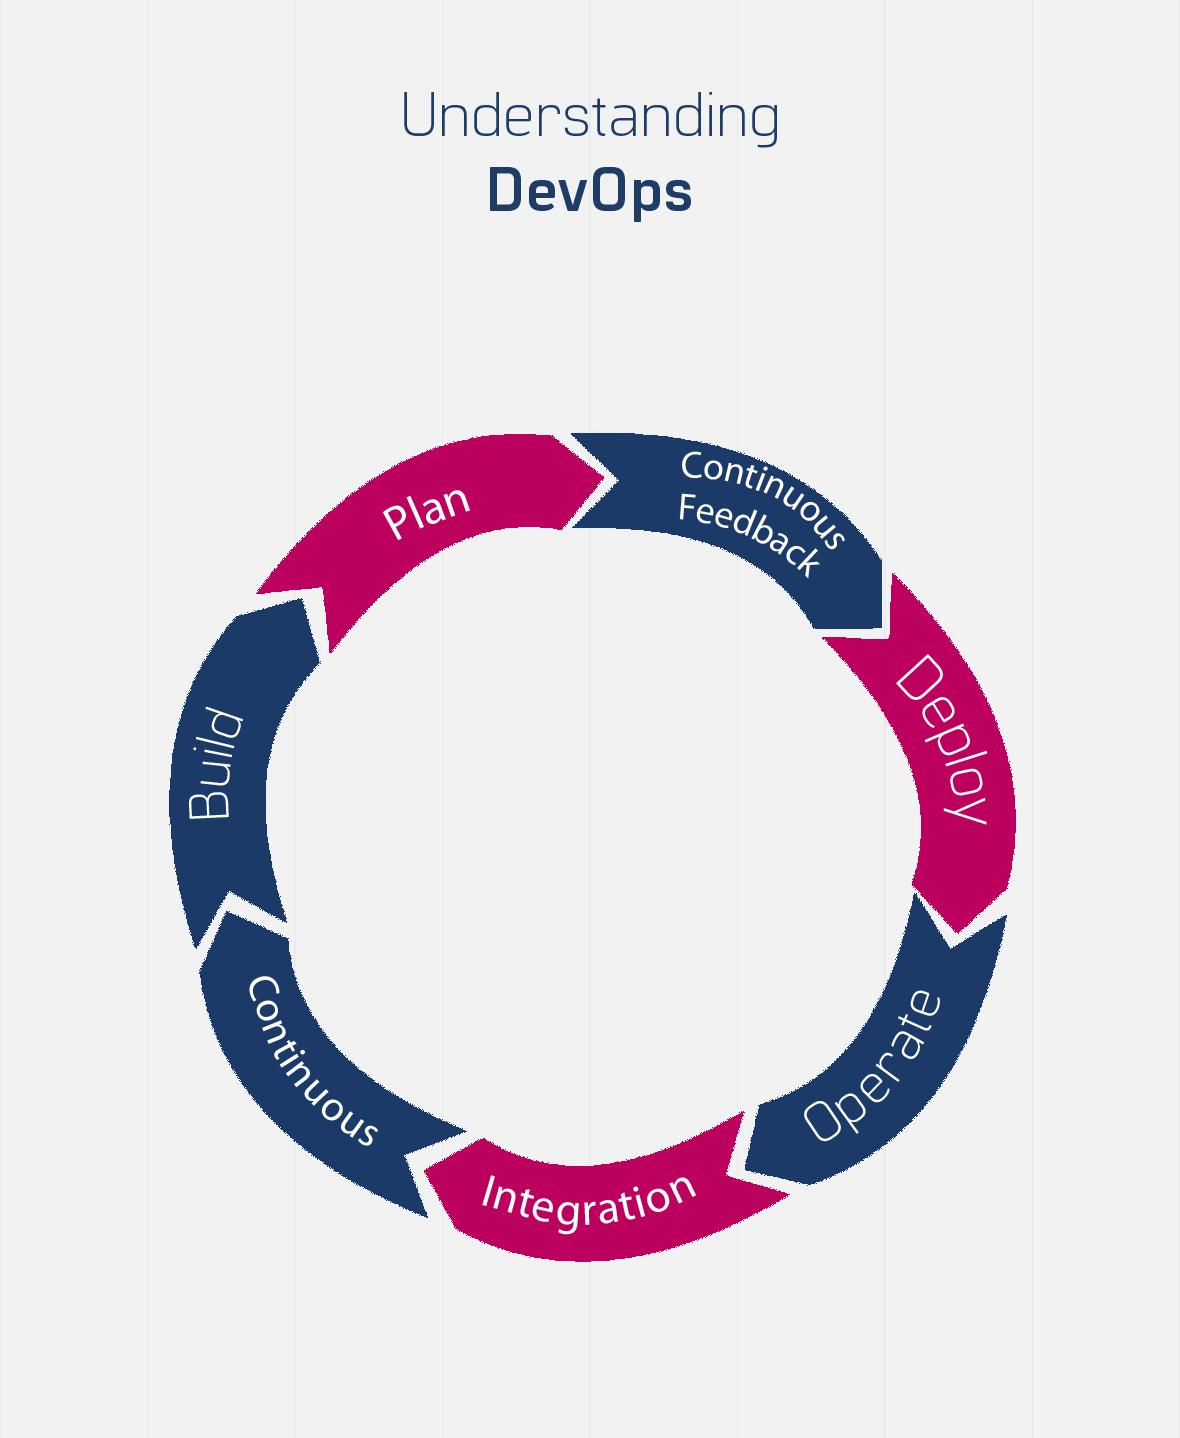 Basics of Devops